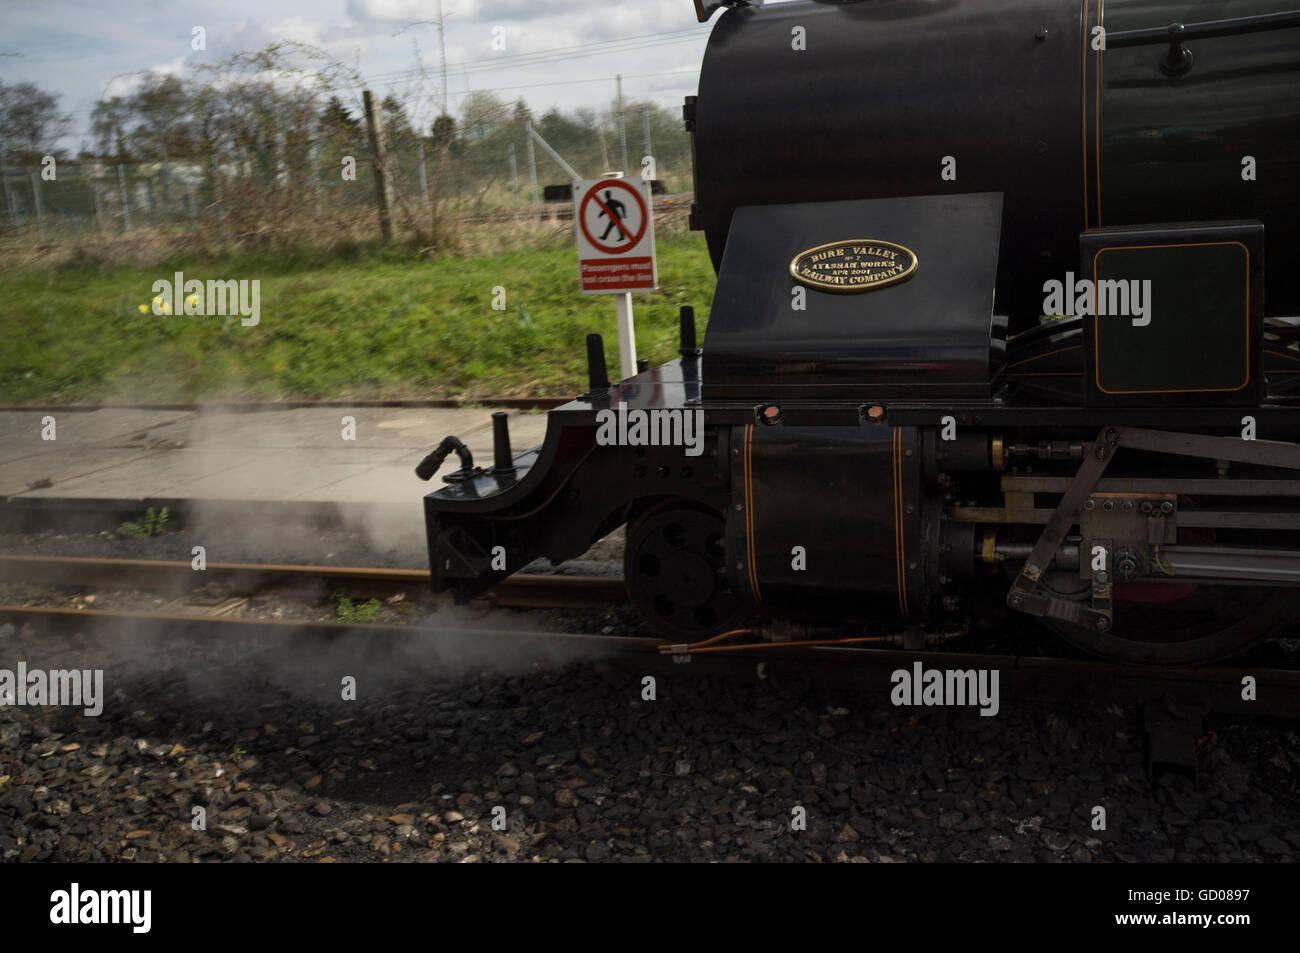 Steam train on the Bure Valley 15 inch (381mm) minimum gauge heritage railway in Alysham, Norfolk, England - Stock Image